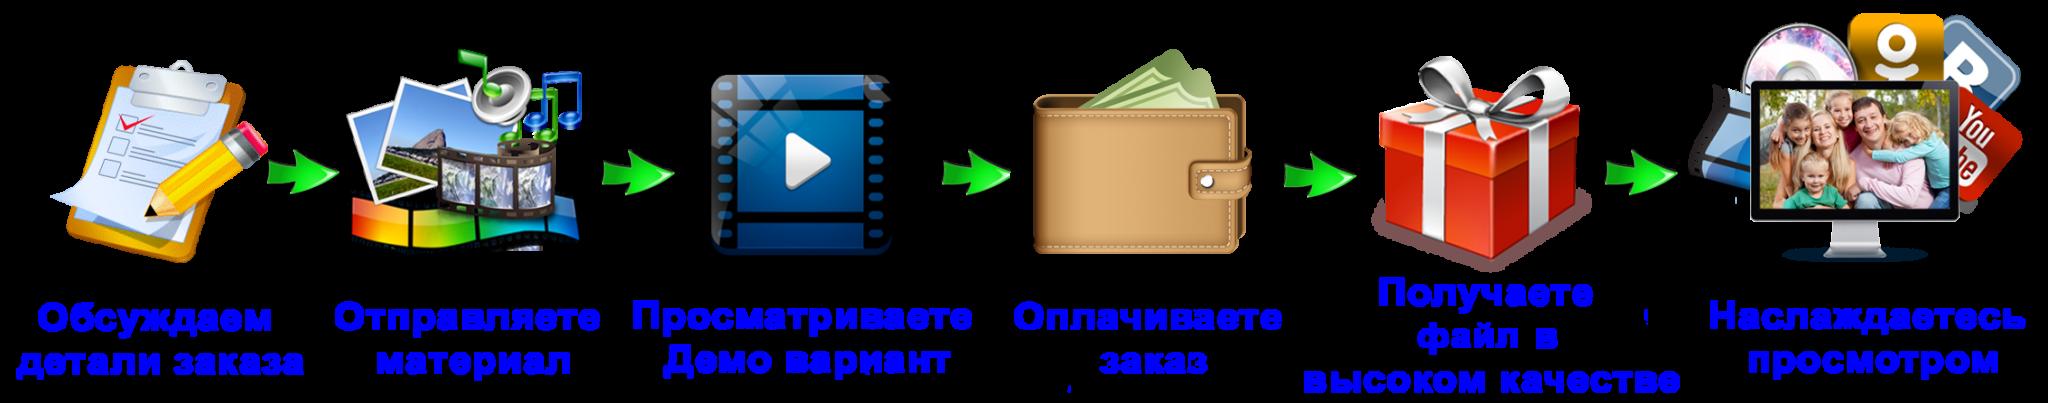 Заказать школьное слайд-шоу из фотографий в Новосибирске